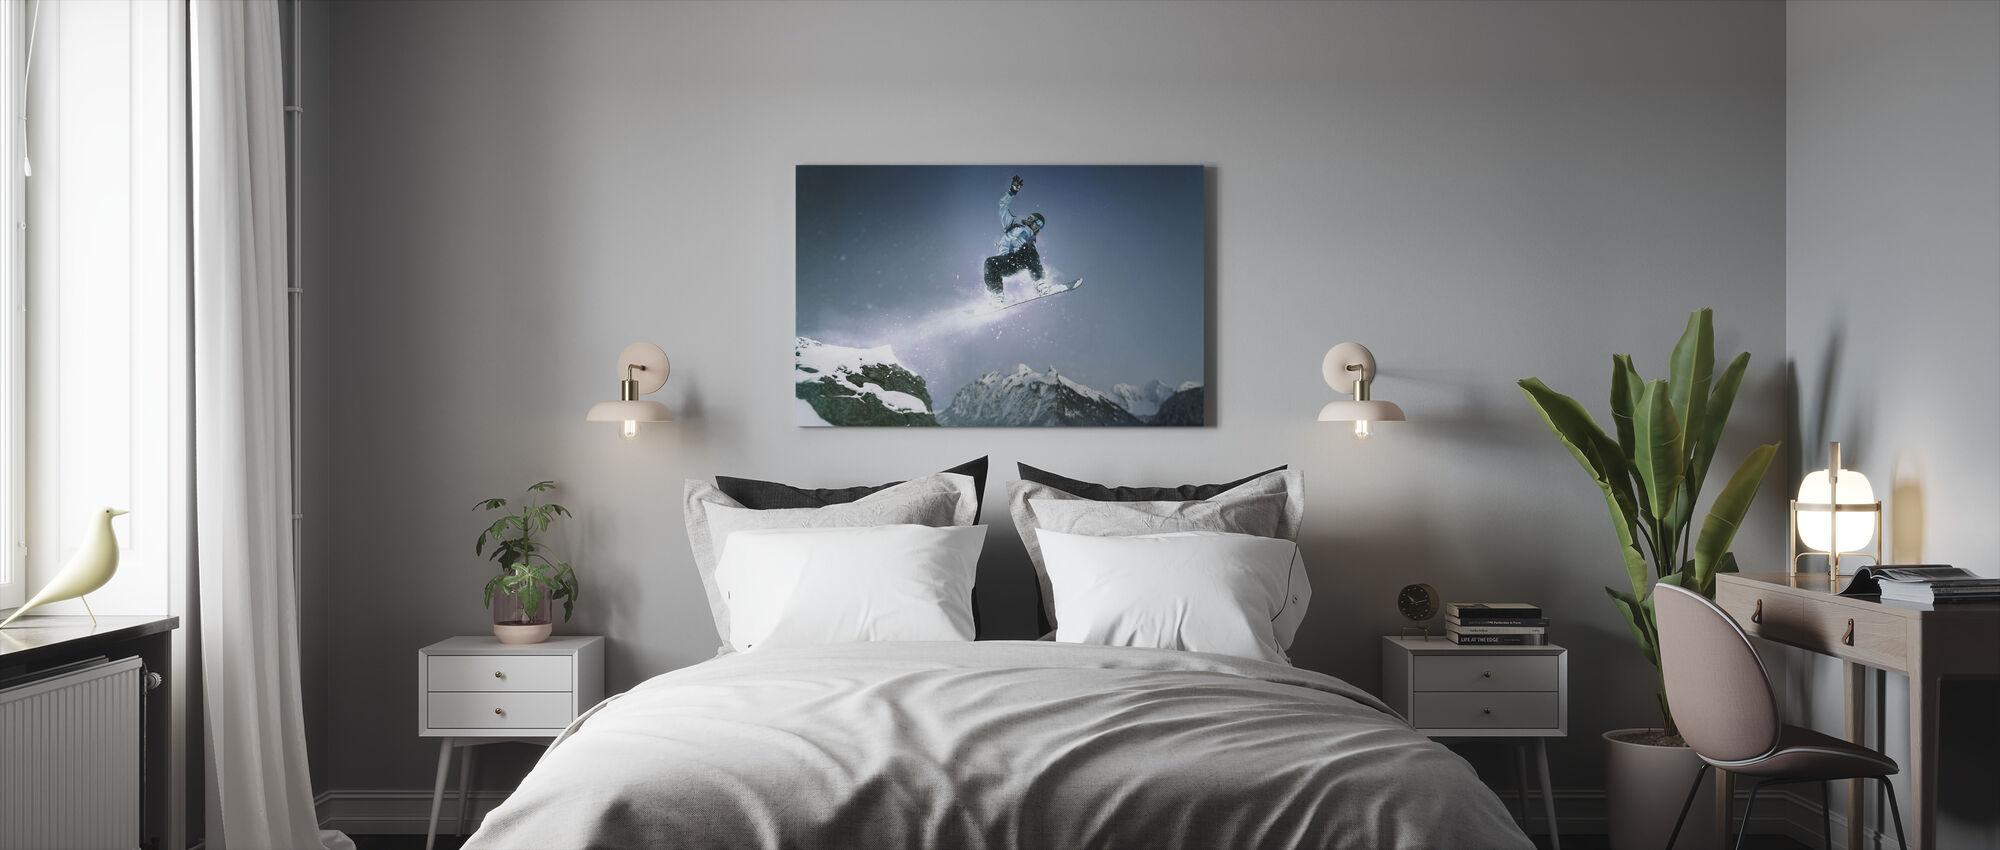 Snowboard metode Grab - Billede på lærred - Soveværelse